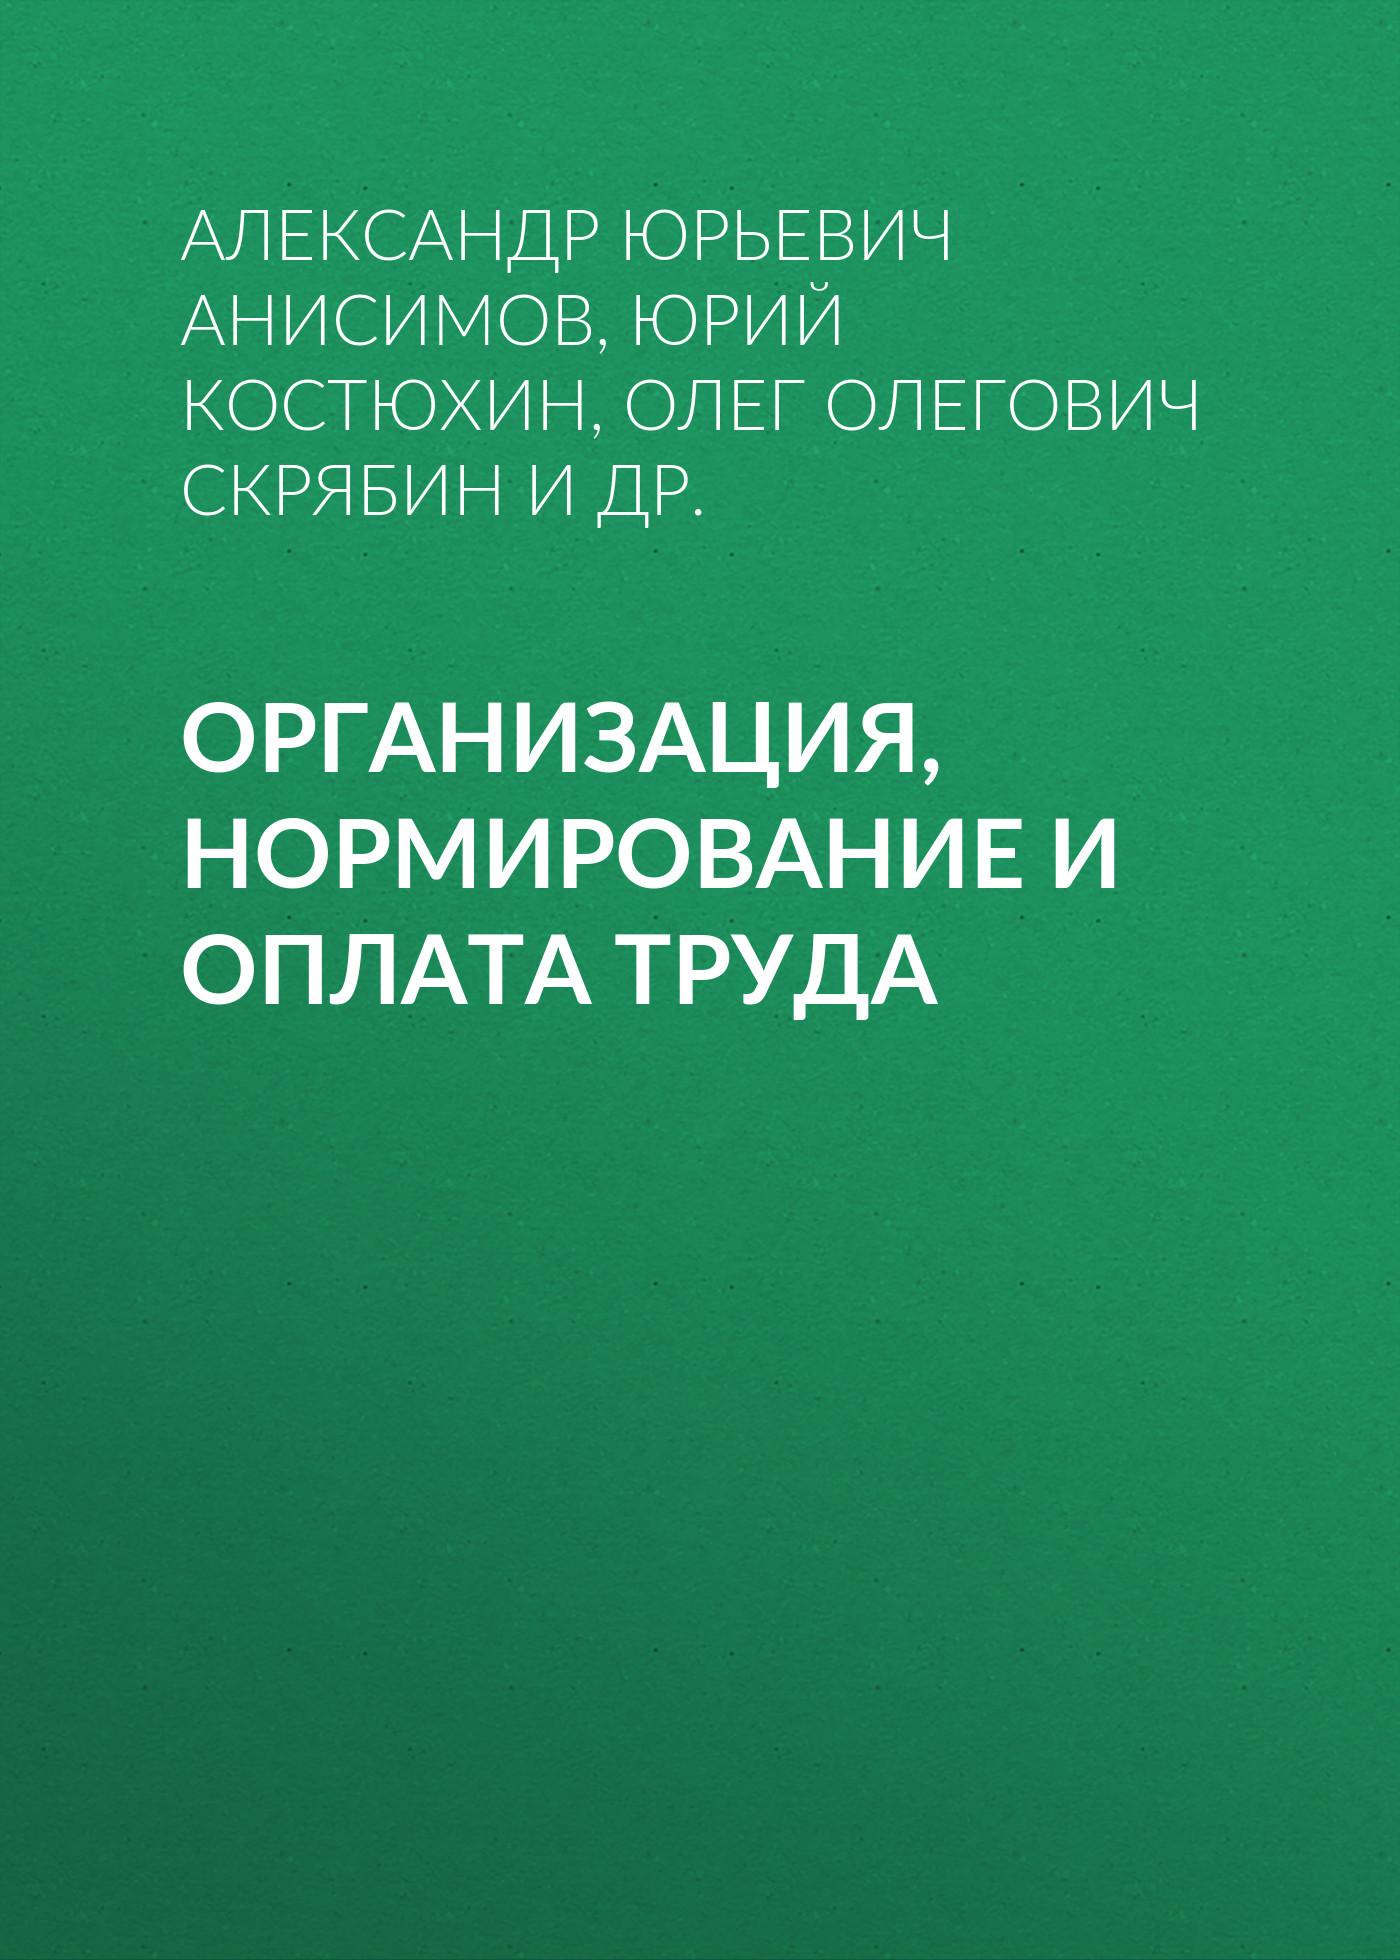 Юрий Костюхин Организация, нормирование и оплата труда бычин в шубенкова е регламентация и нормирование труда учебное пособие